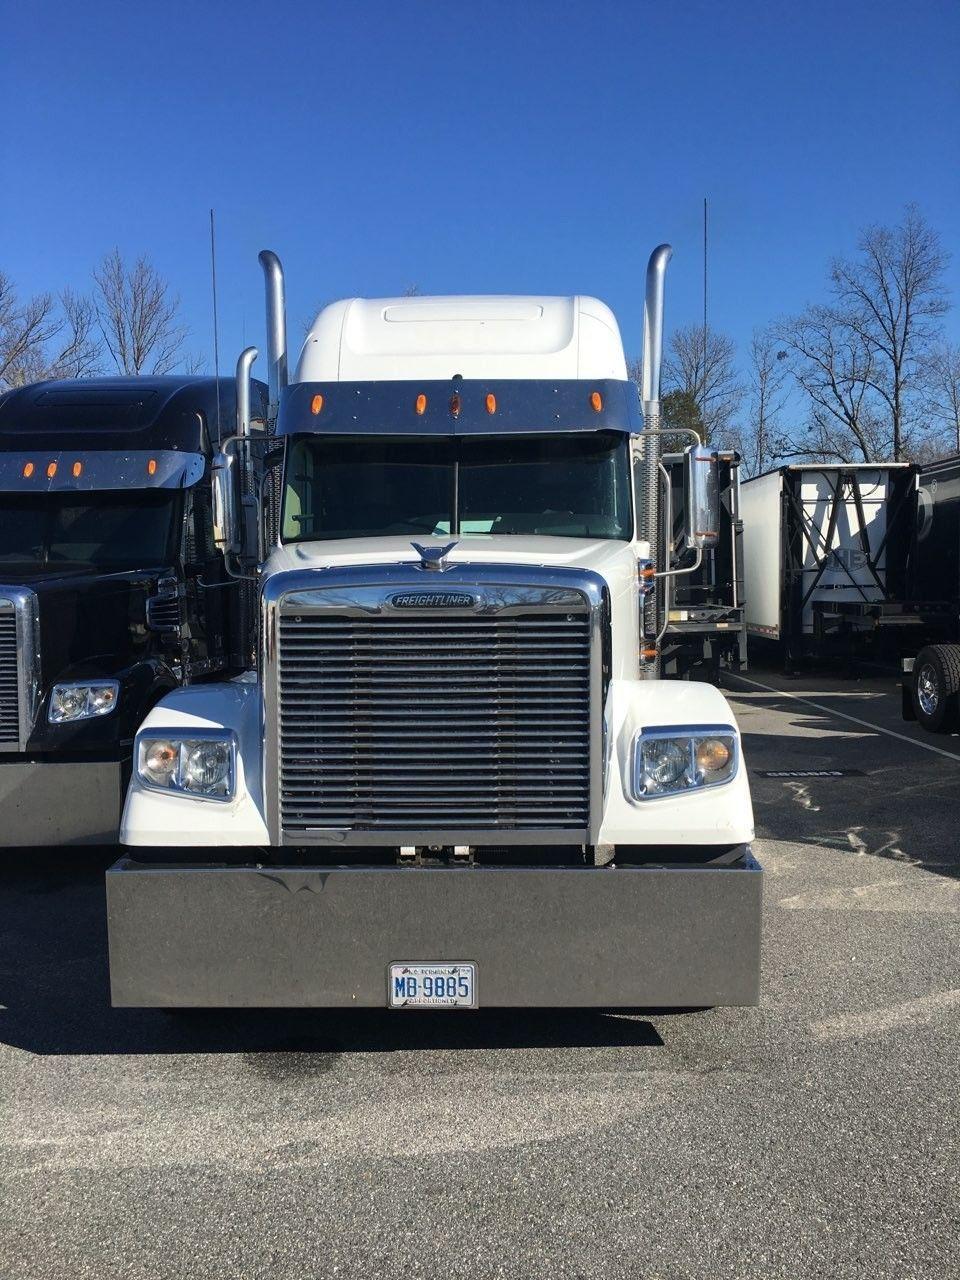 Freightliner Coronado Victory Lane Edition Edition Lane Victory Coronado Freightliner Freightliner Freightliner Trucks Trucks